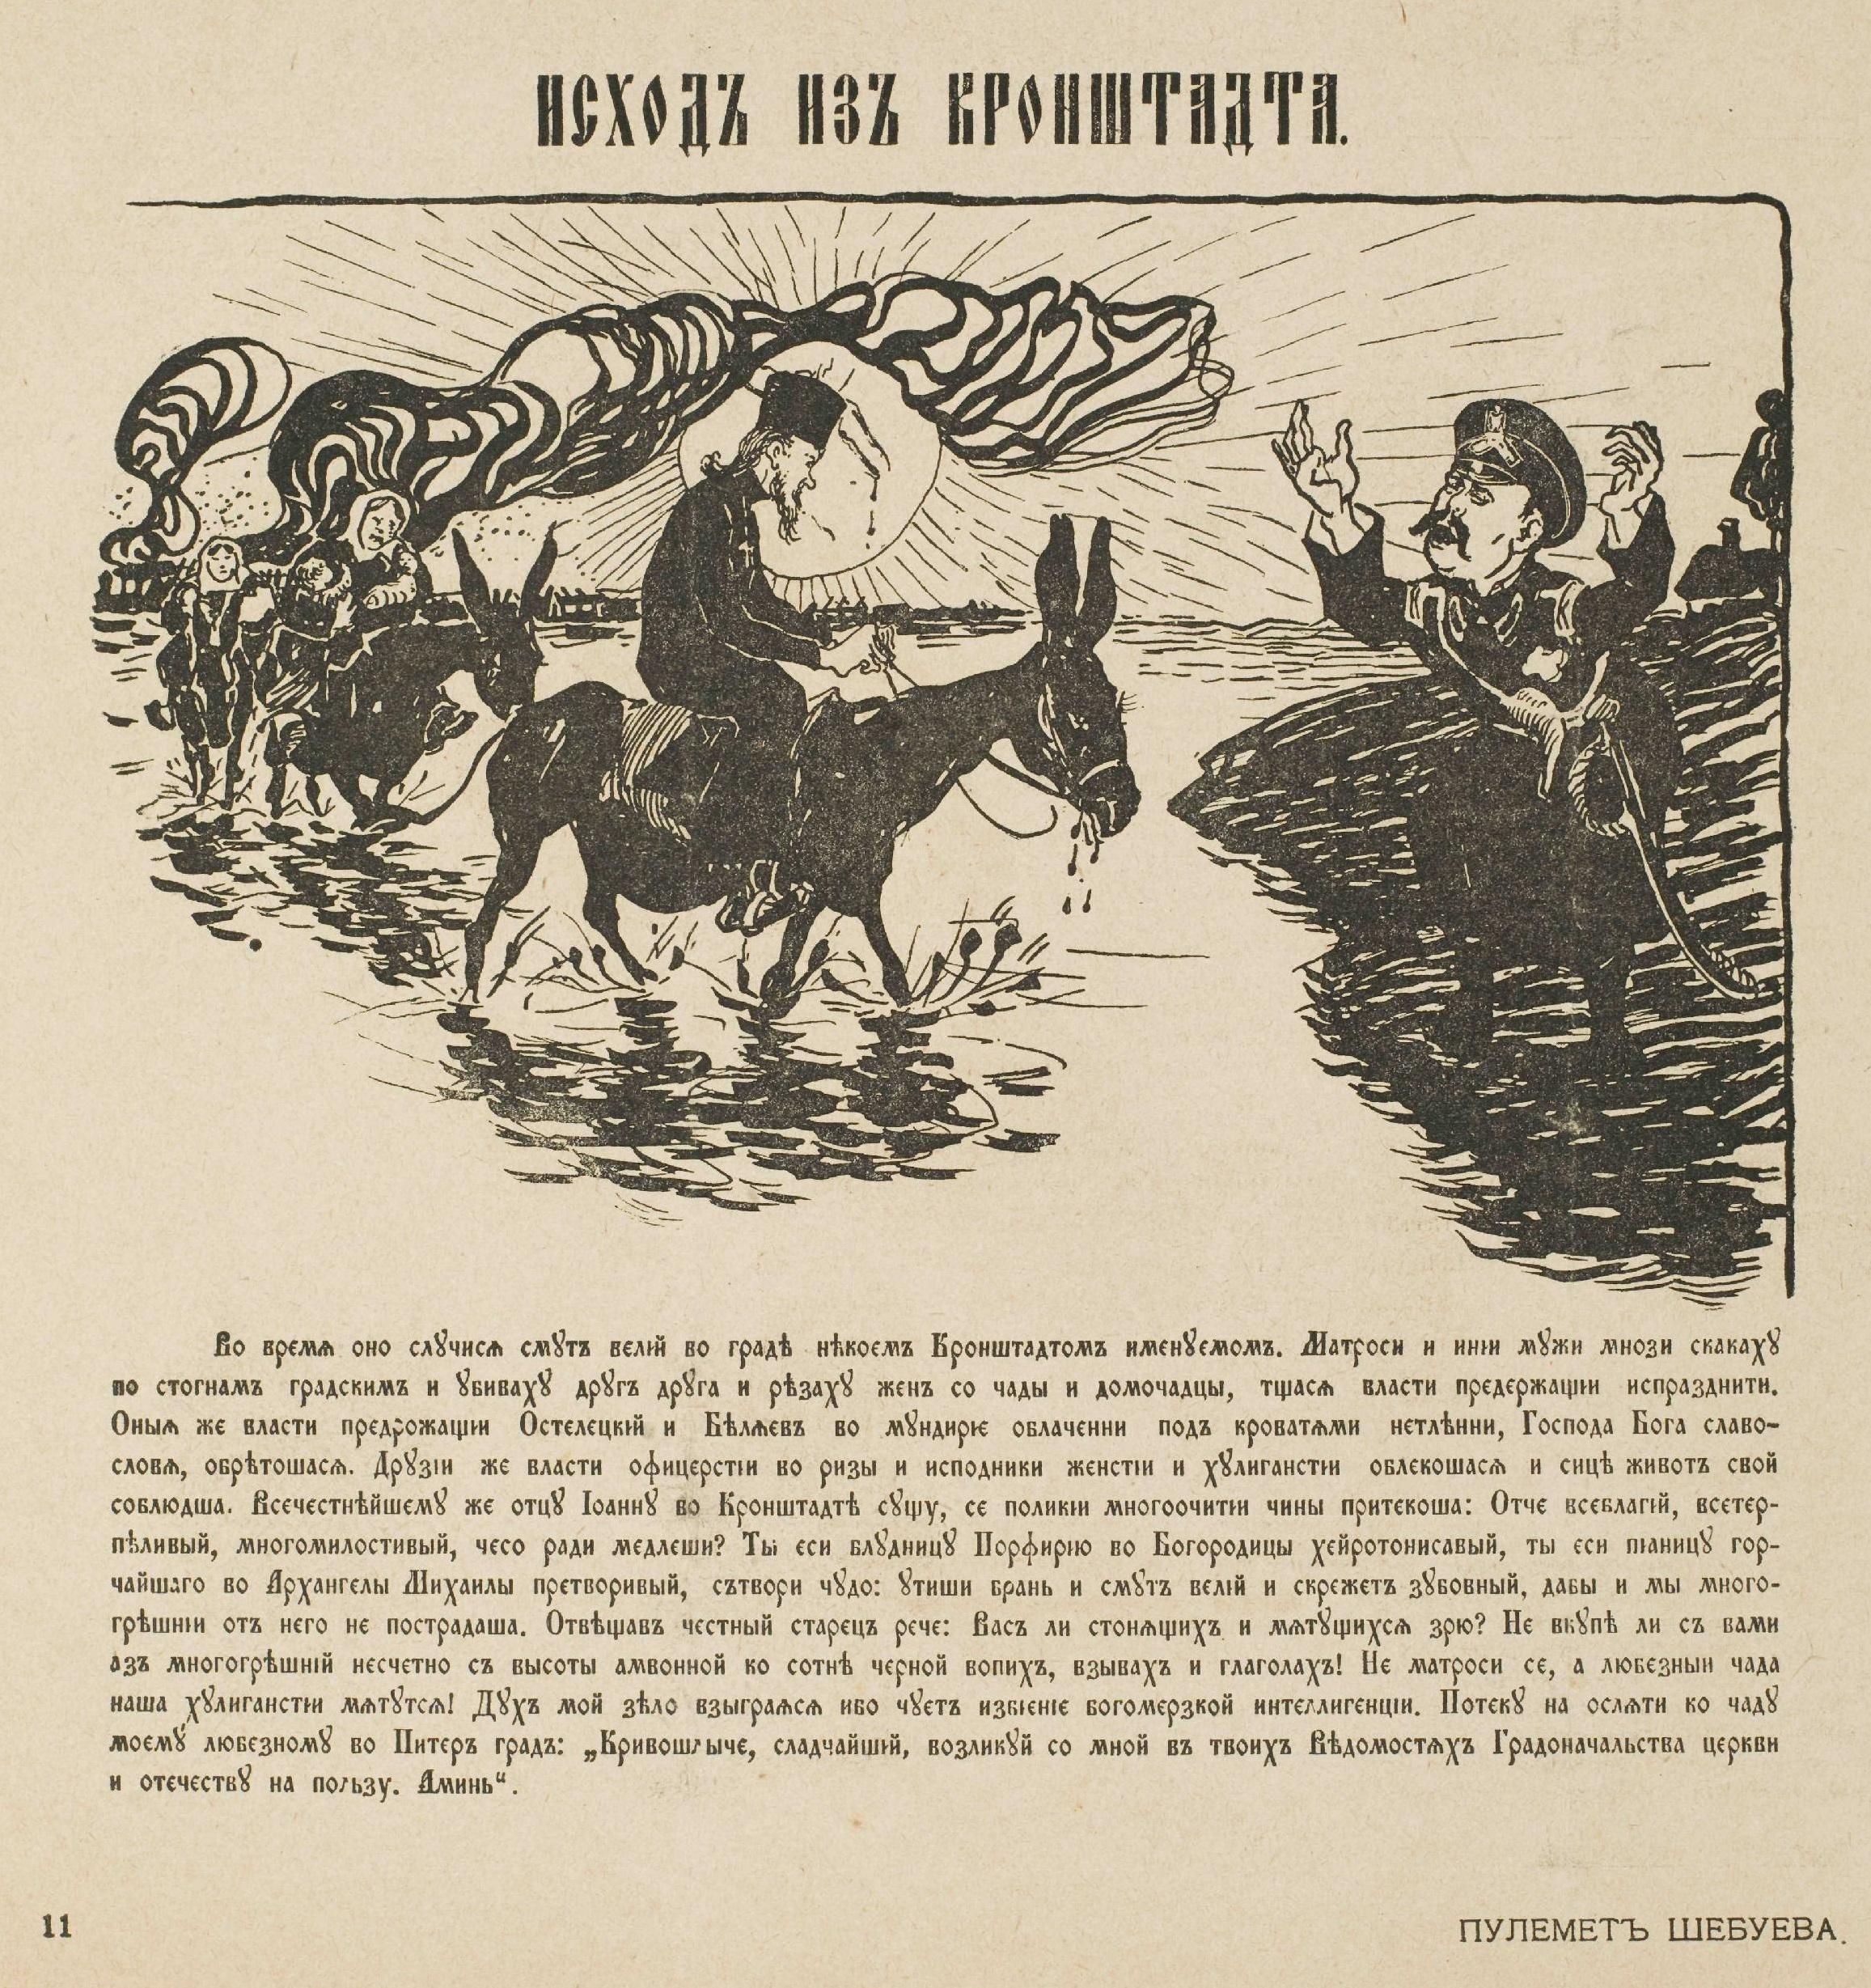 Обложка журнала «Пулемёт» с сатирическим изображением отца Иоанна, покидающего Кронштадт во время восстания матросов в 1905 году. Фотография из Славянской коллекции Нью-Йоркской публичной библиотеки